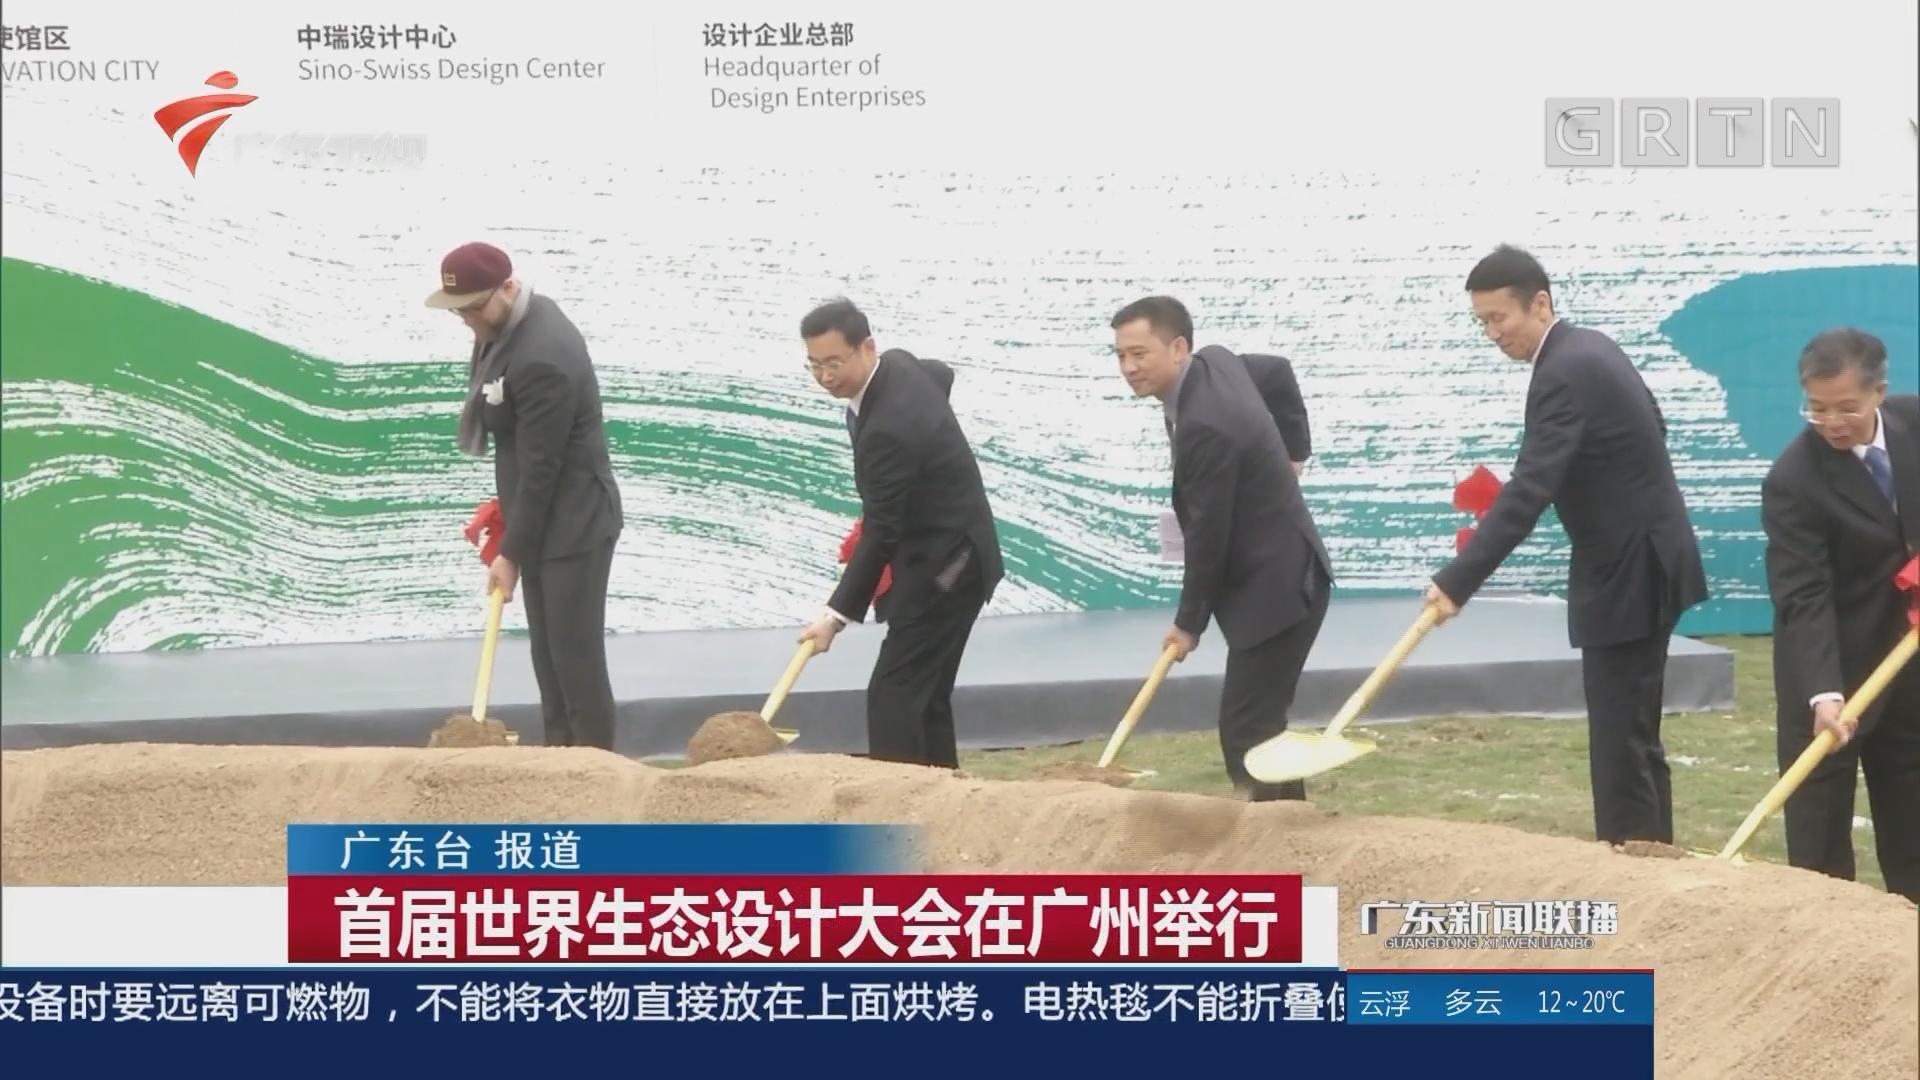 首届世界生态设计大会在广州举行